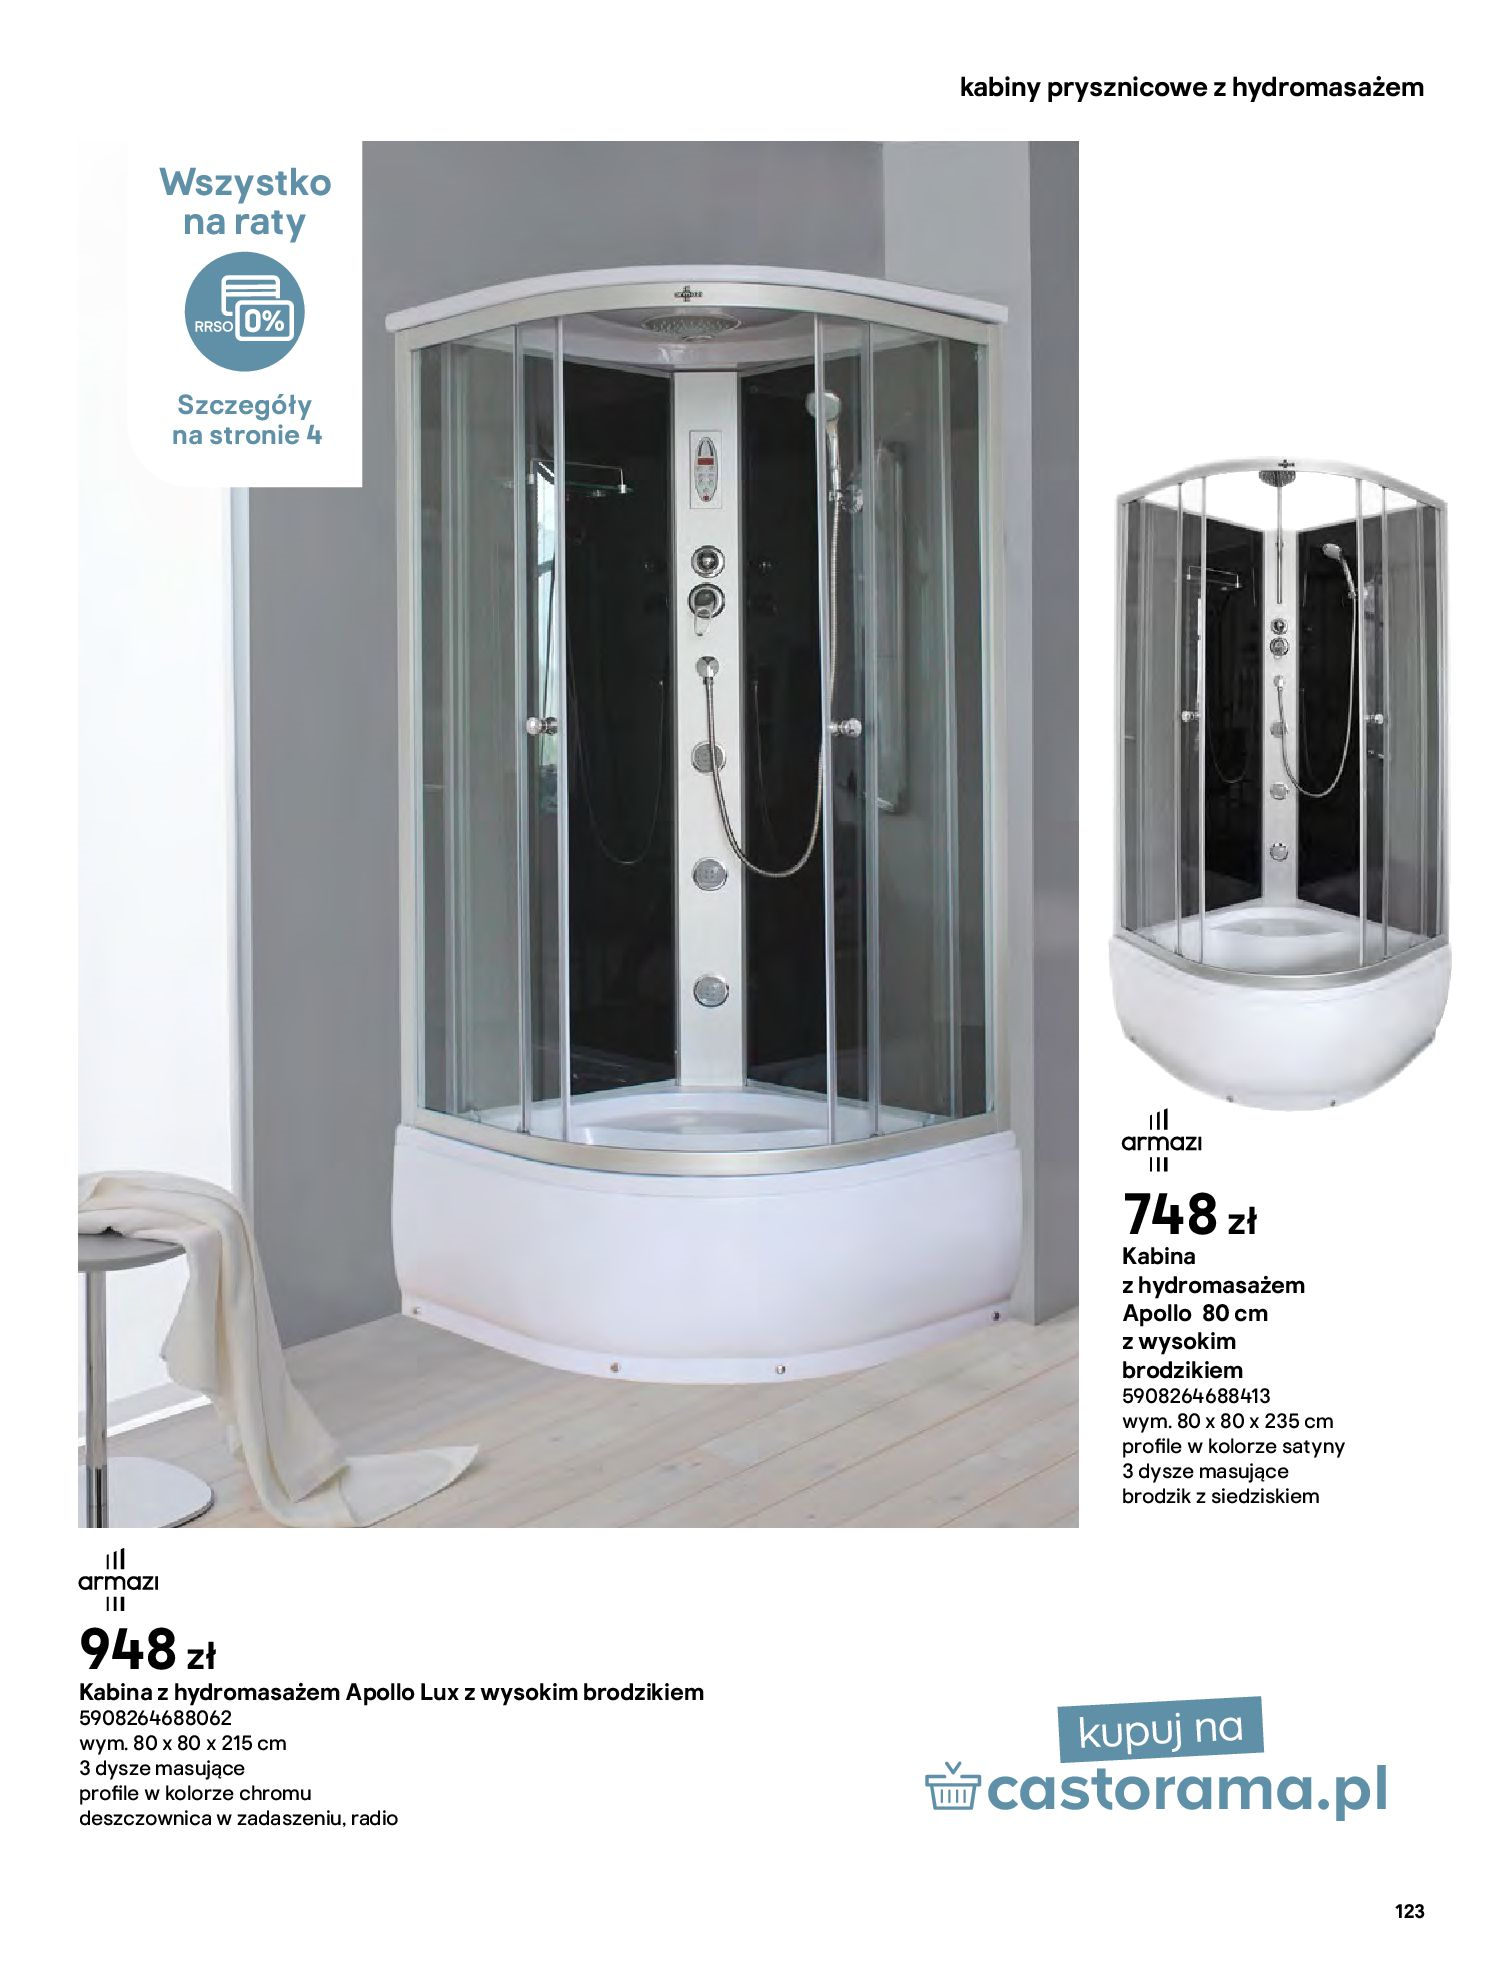 Gazetka Castorama: Gazetka Castorama - katalog łazienki 2021 2021-06-16 page-123